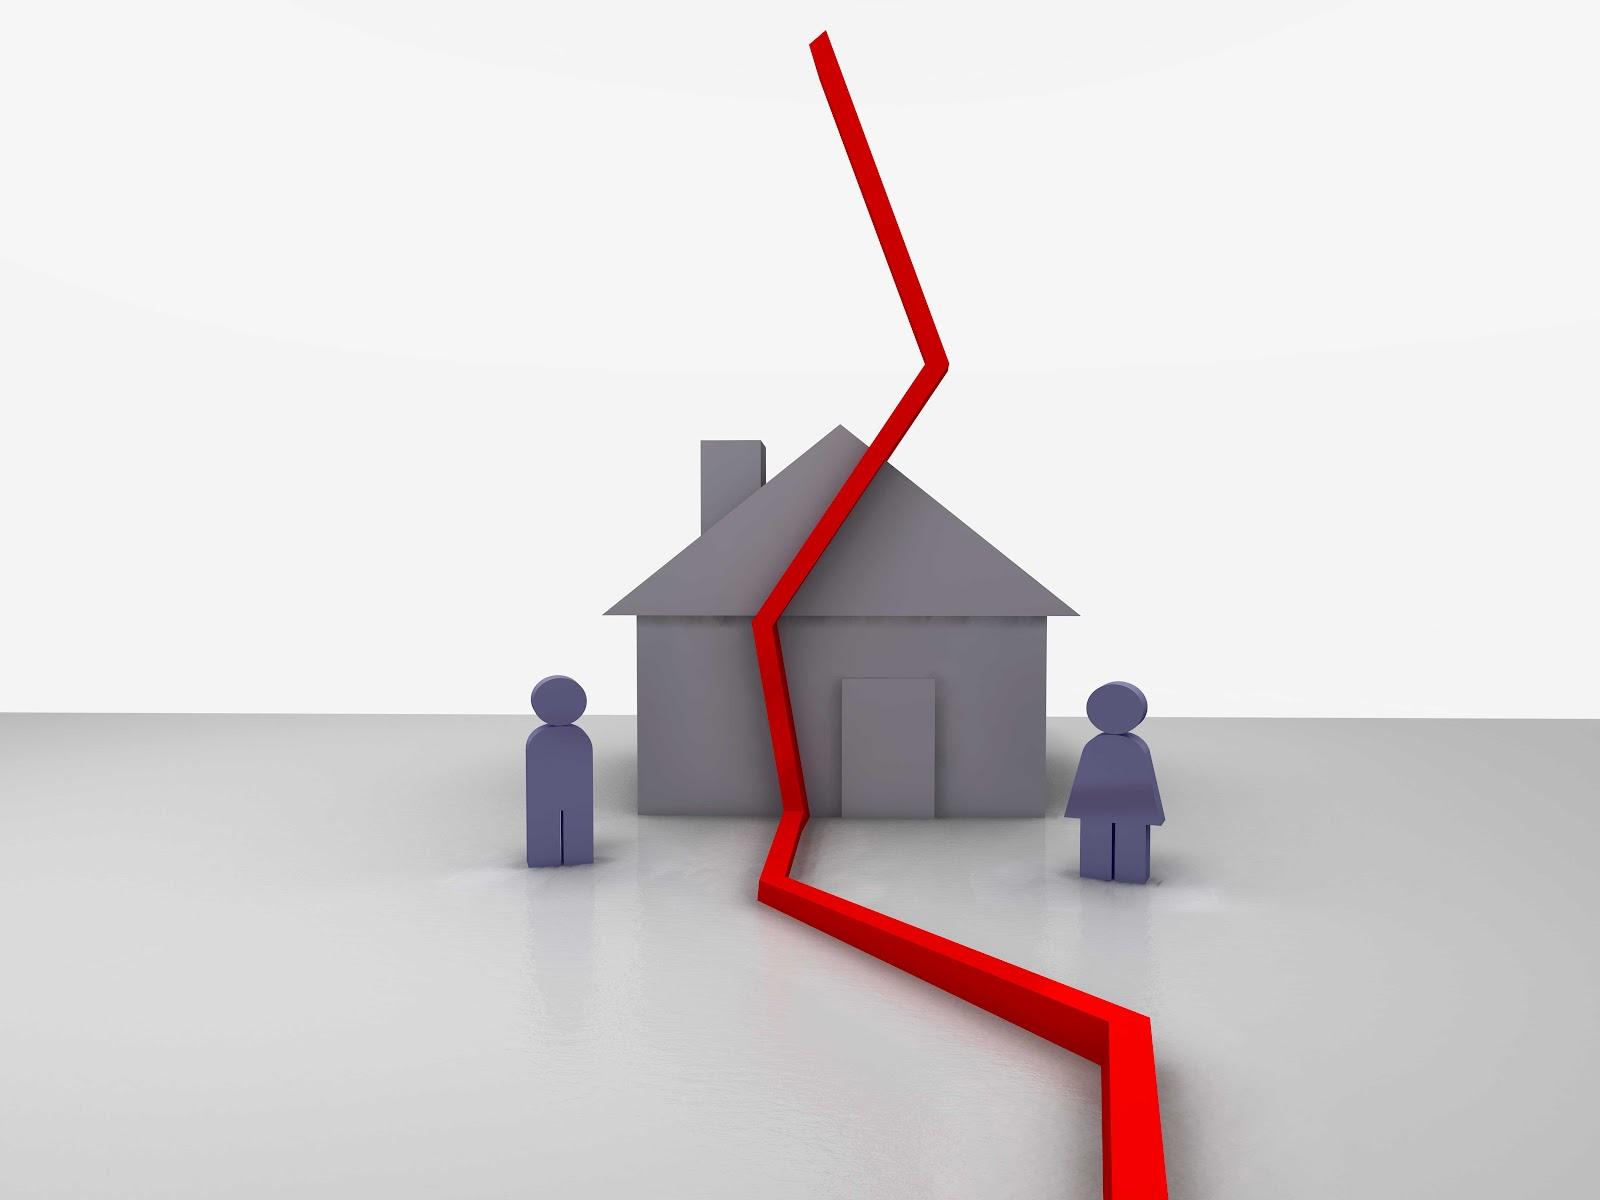 Совместная собственность - как выделить и распорядиться своей 50